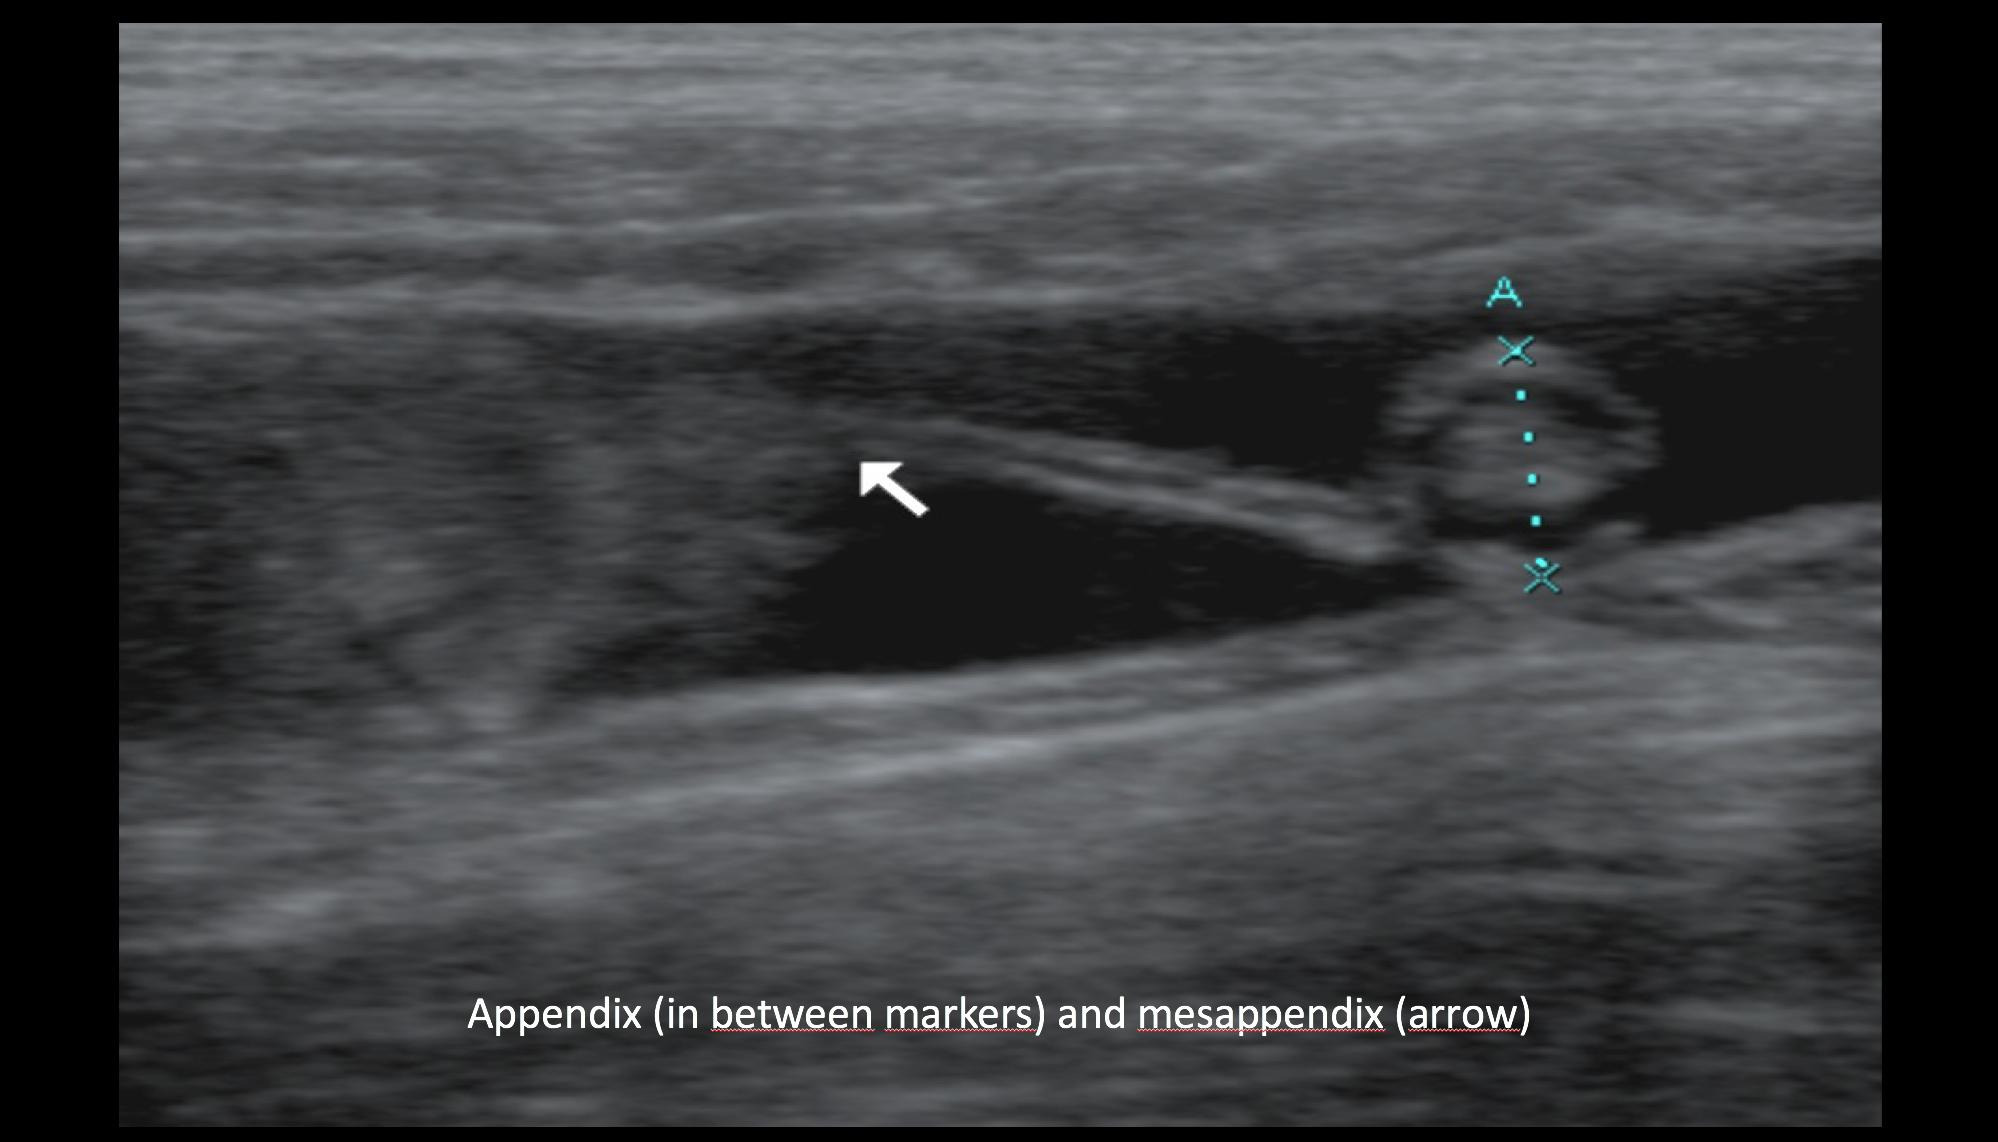 Ultrasound the Best #08: Appendix (in between markers) and mesappendix (arrow)